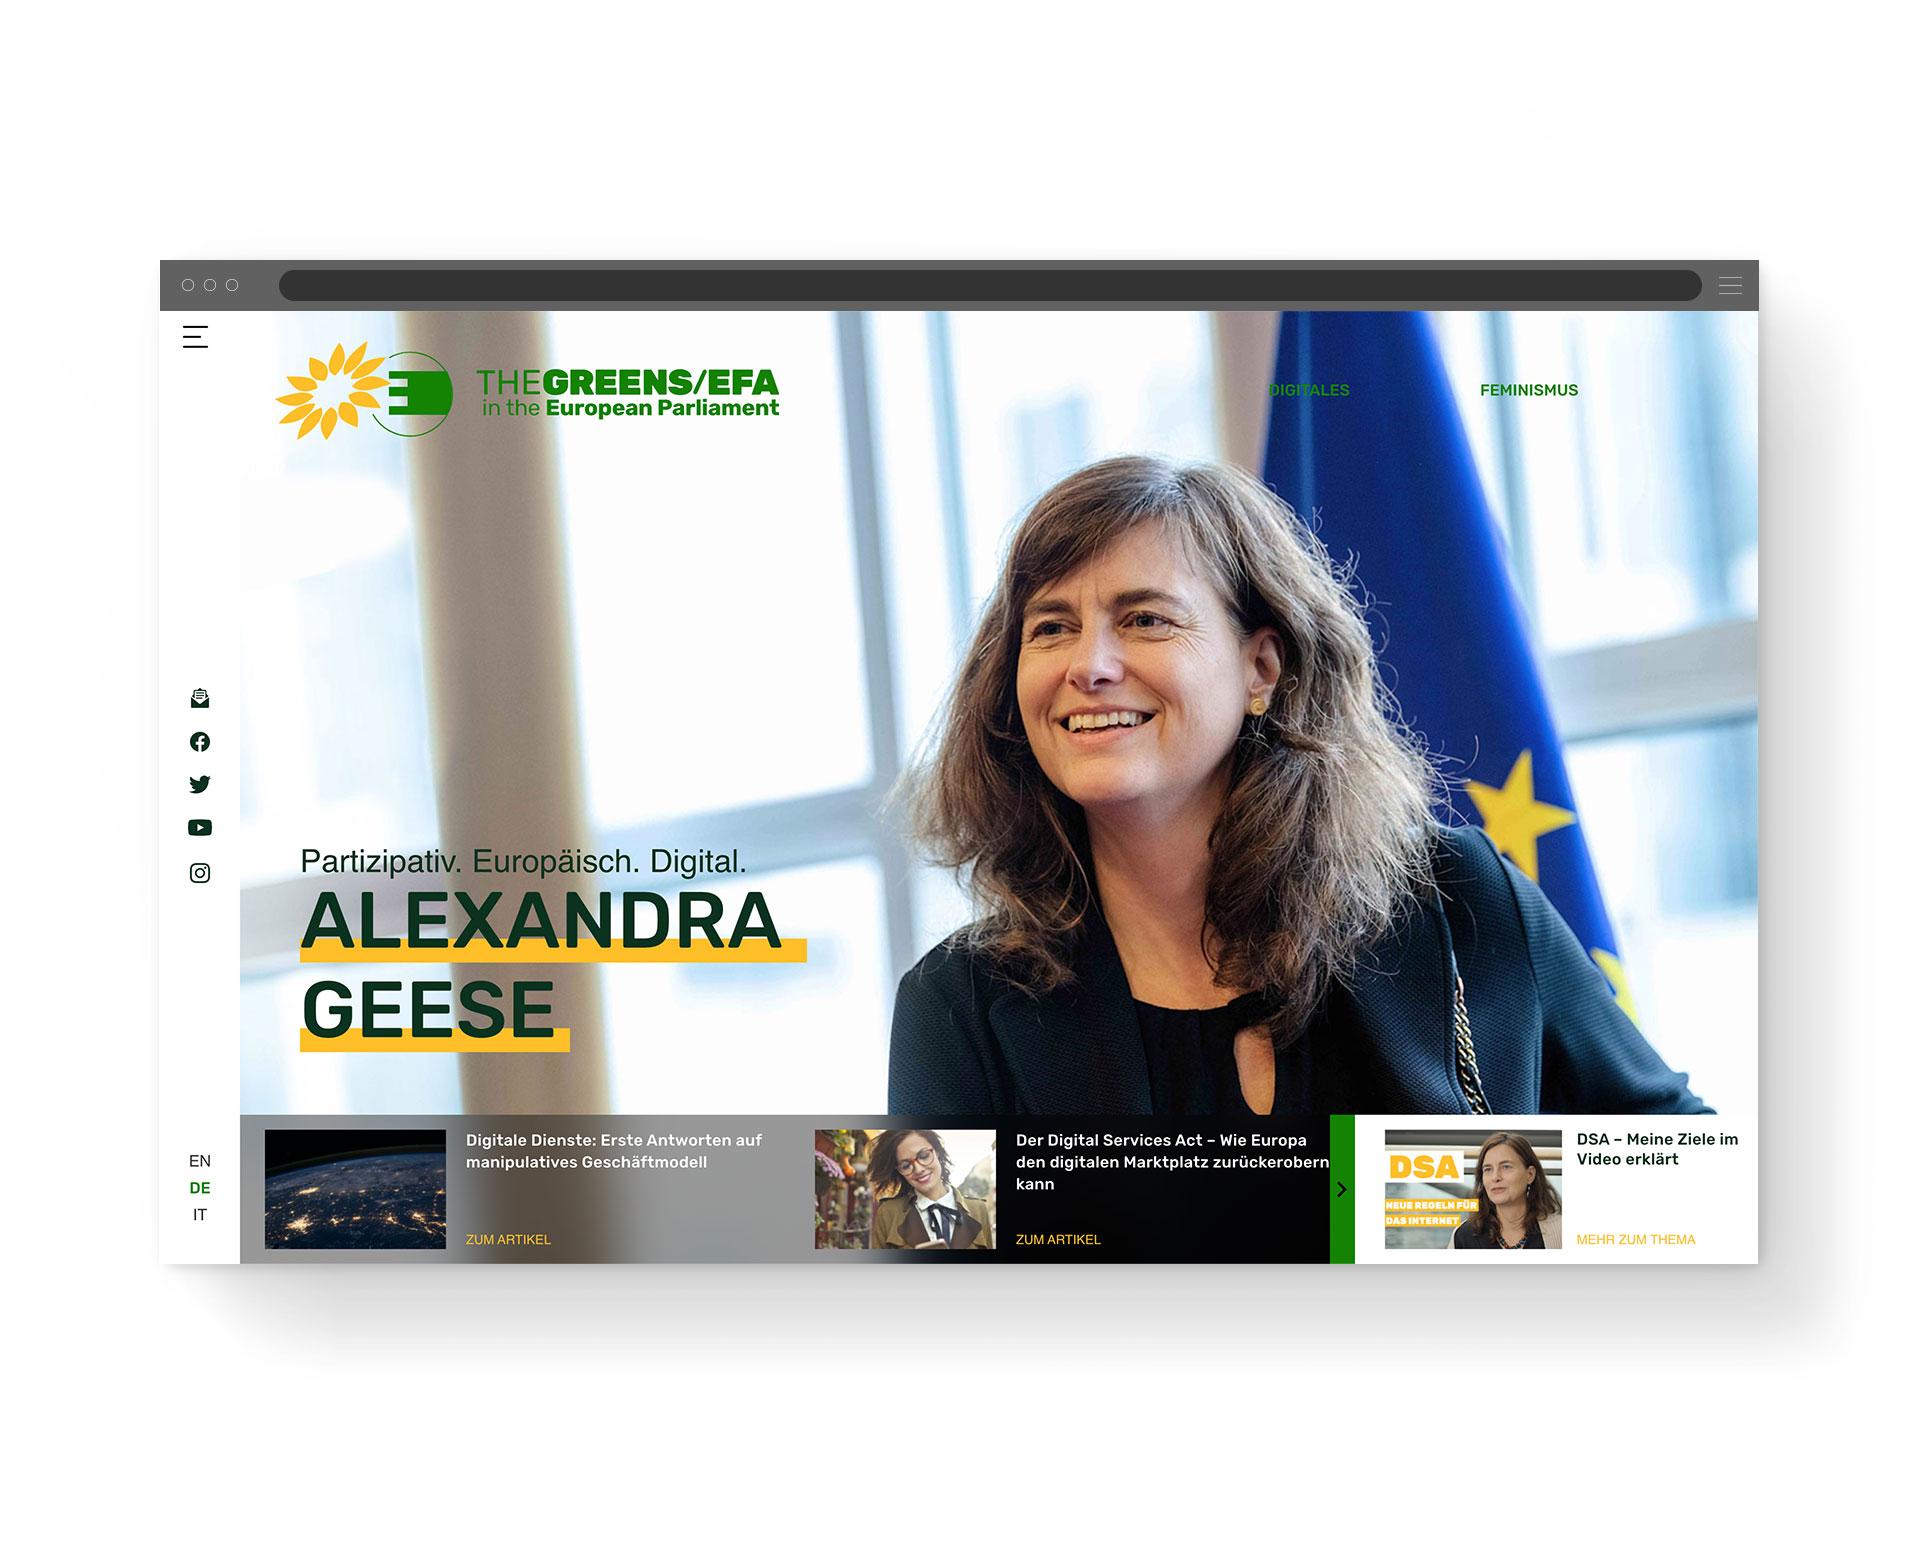 Desktop-Ansicht der Startseite von EU-Politikerin Alexandra Geese